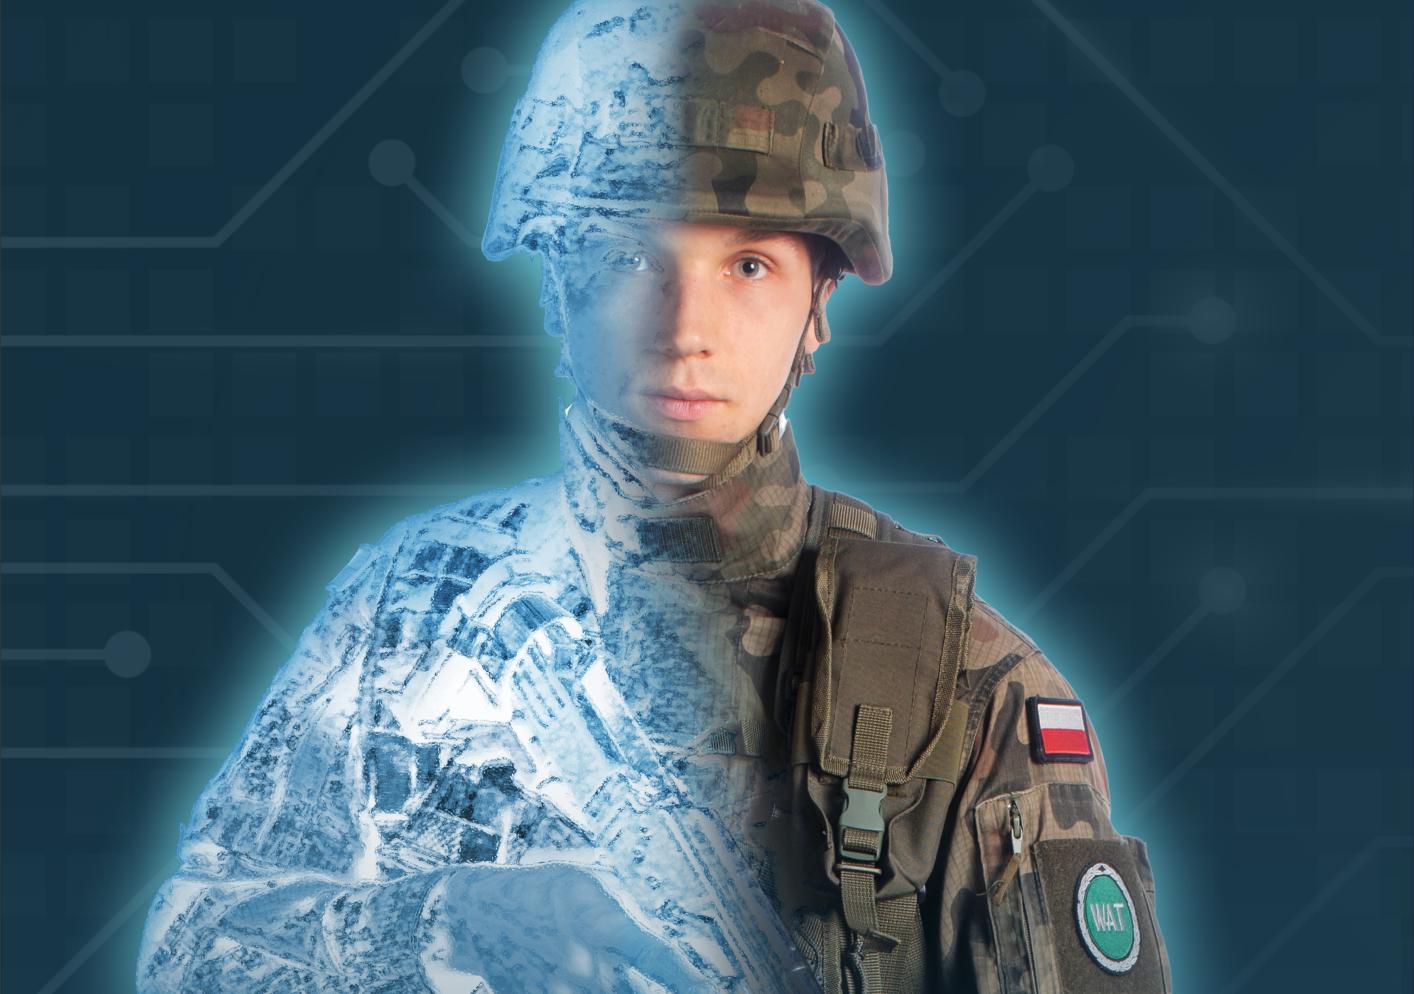 Trwa rekrutacja na studia w Wojskowej Akademii Technicznej